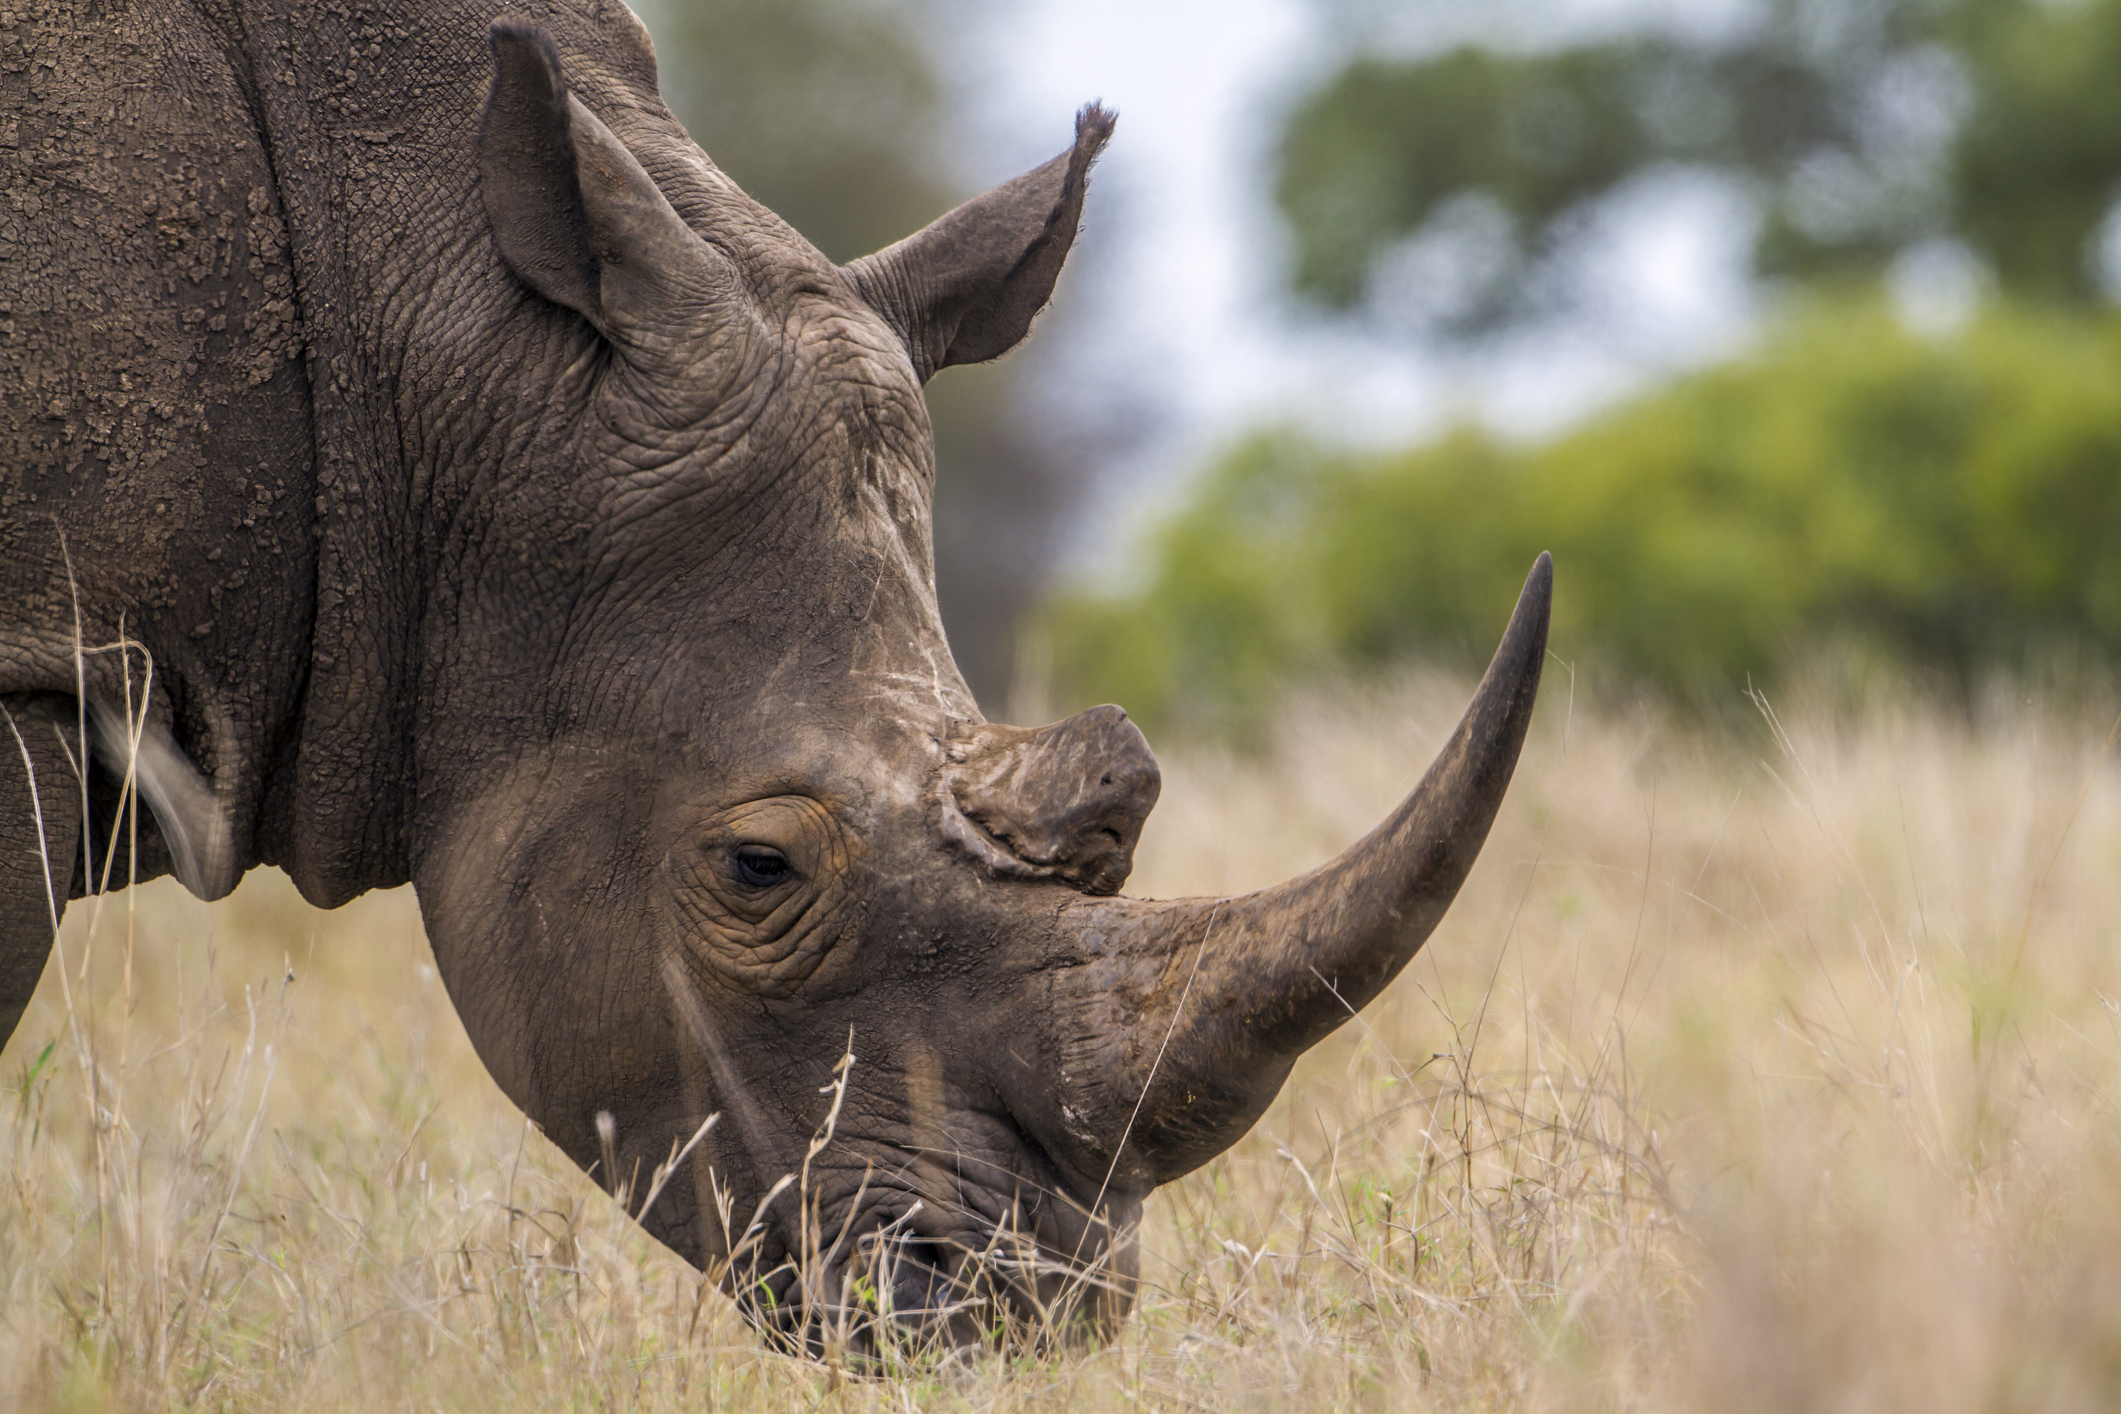 Kilimanjaro-Amboseli Biodiversity Ecosystem – Enduimet Community Wildlife Management Area